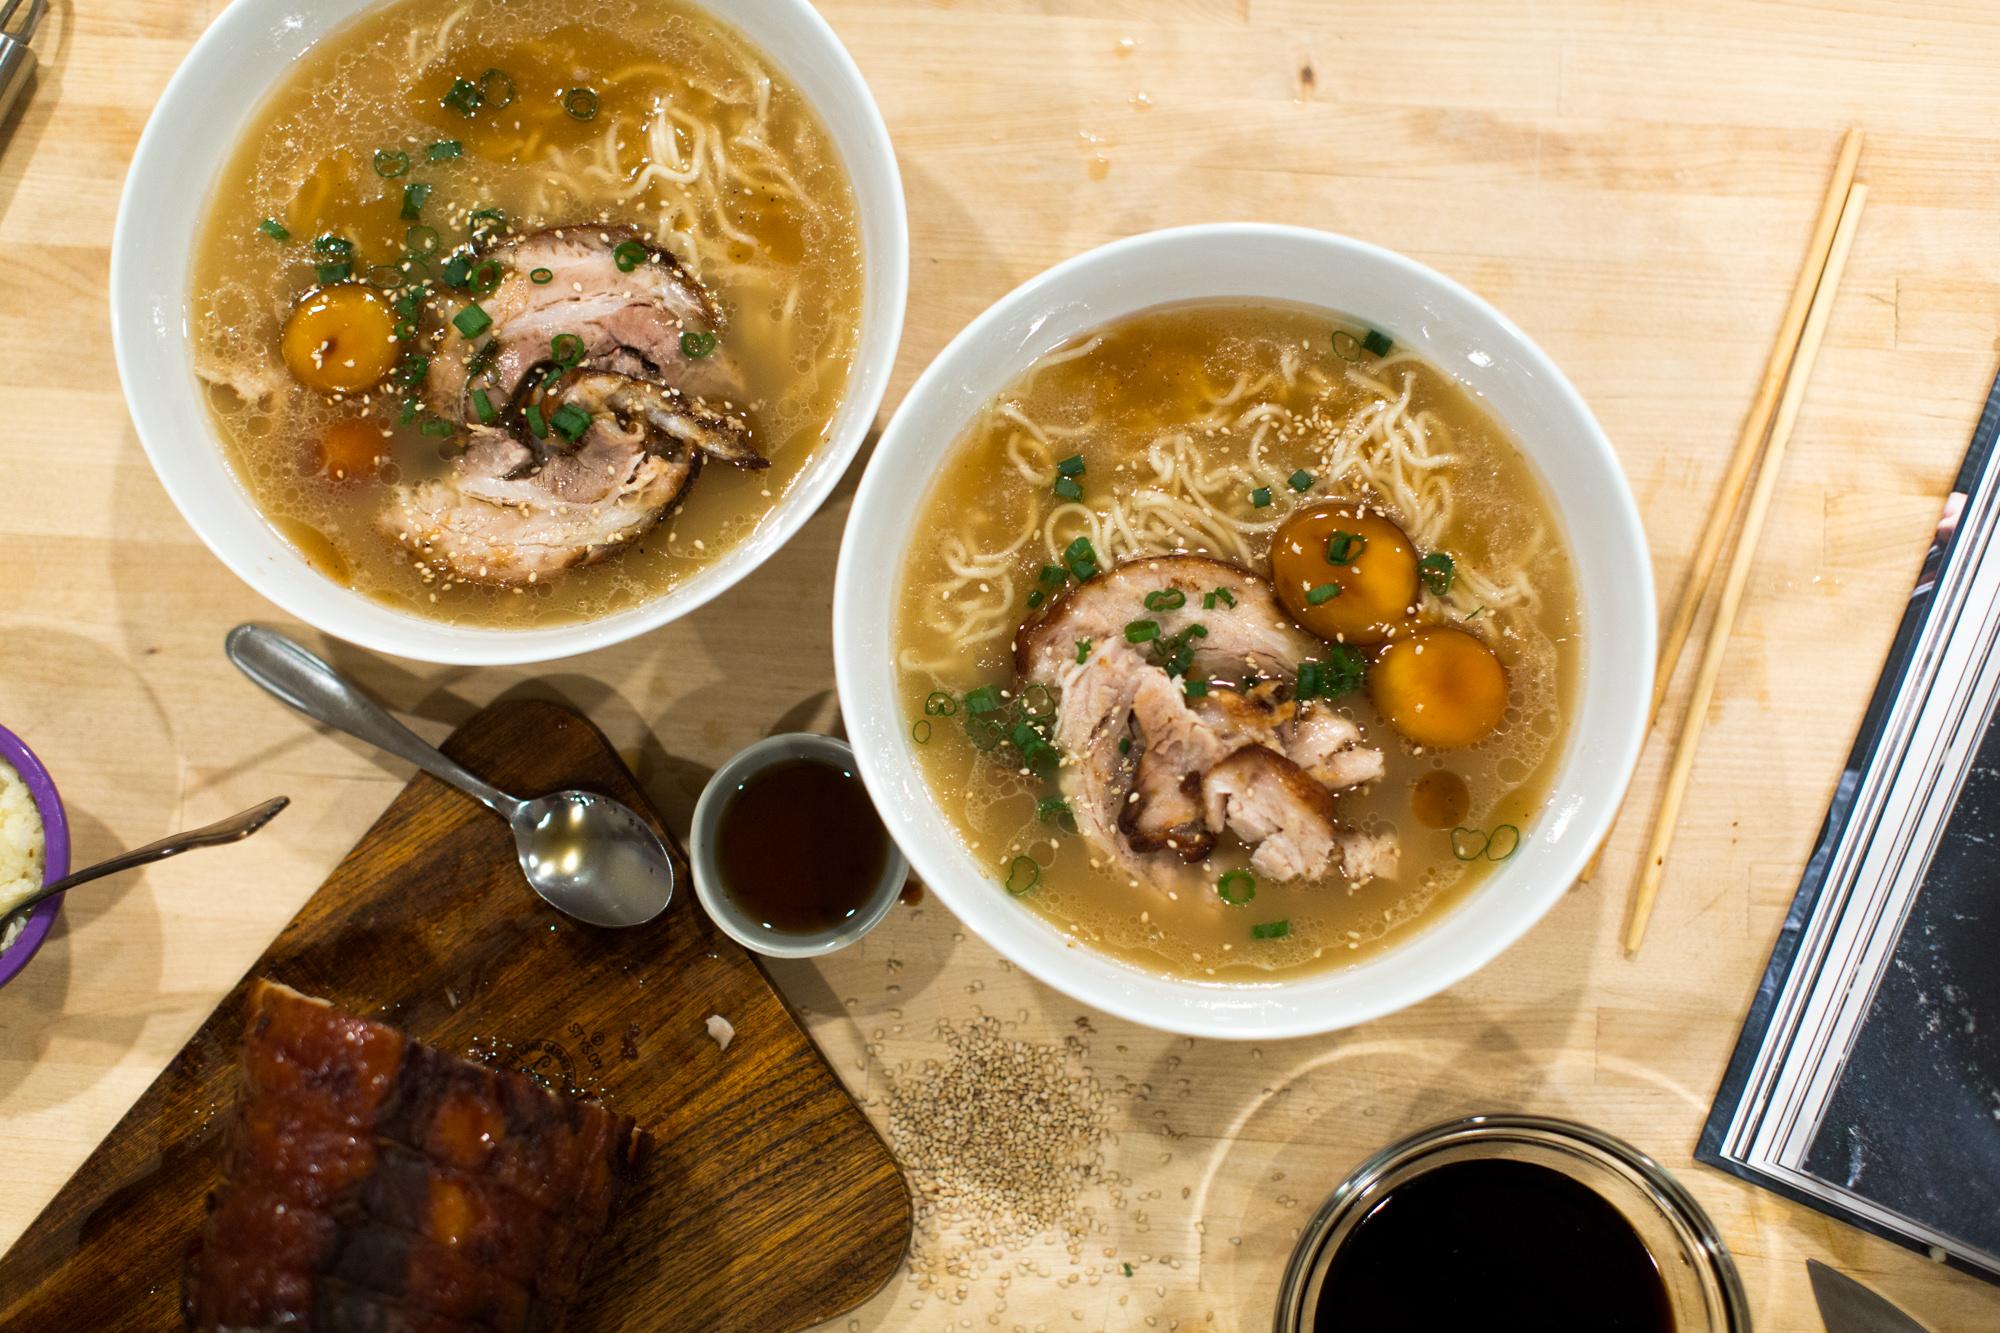 Homemade tonkotsu ramen bowls